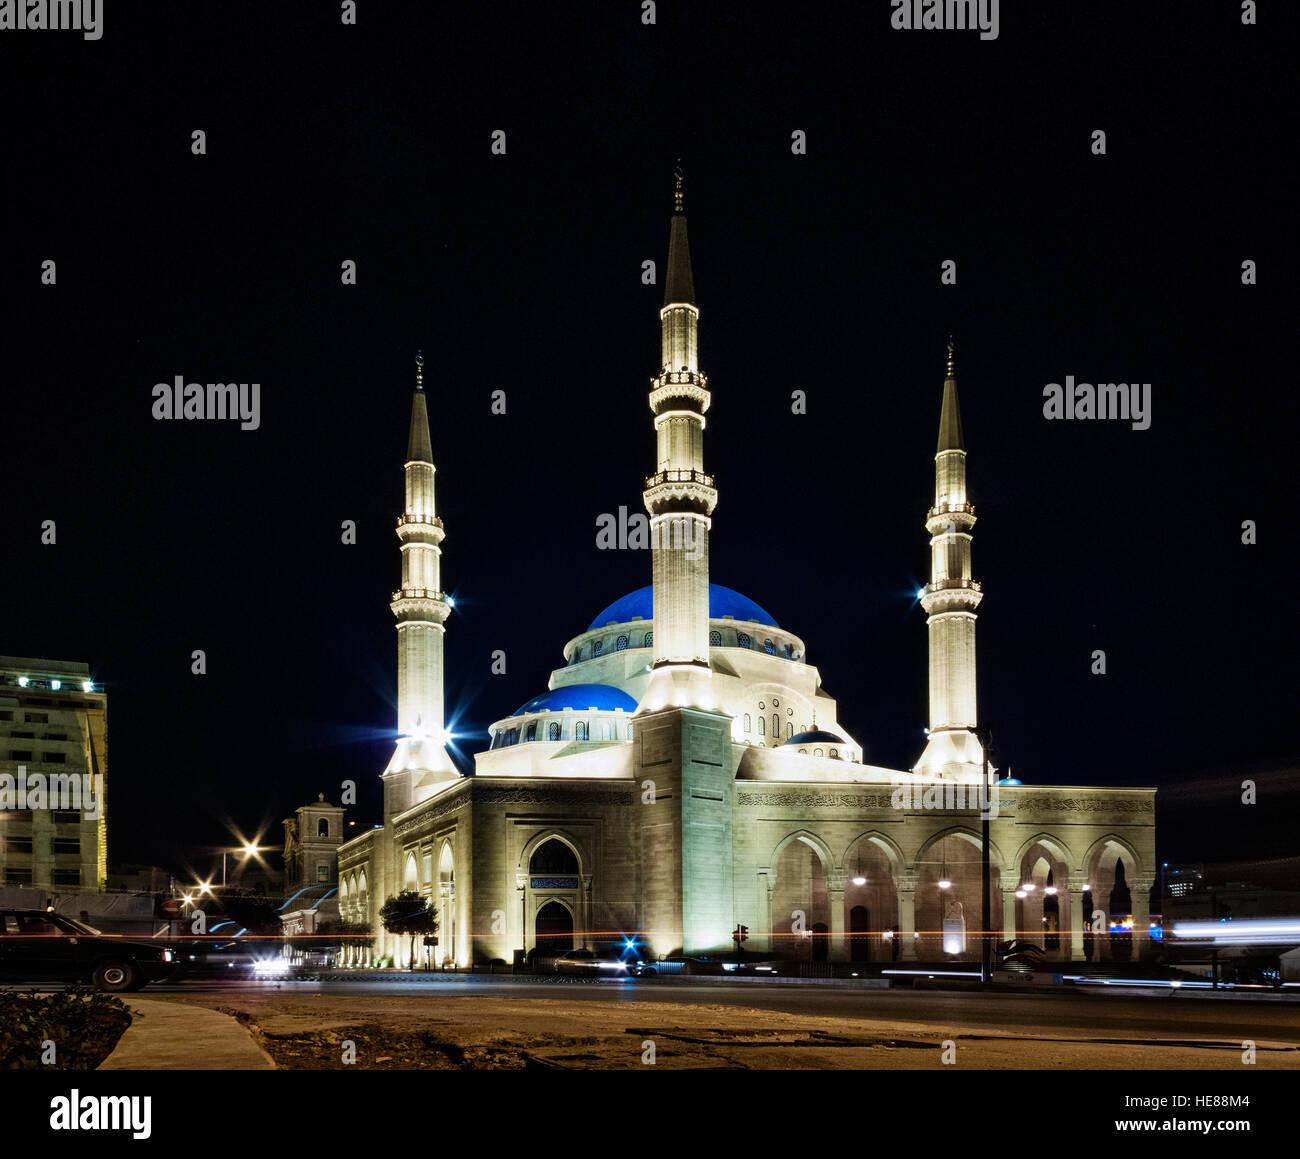 Mohammad Al Amin Mosque punto di riferimento nel centro della città di Beirut Libano di notte Immagini Stock